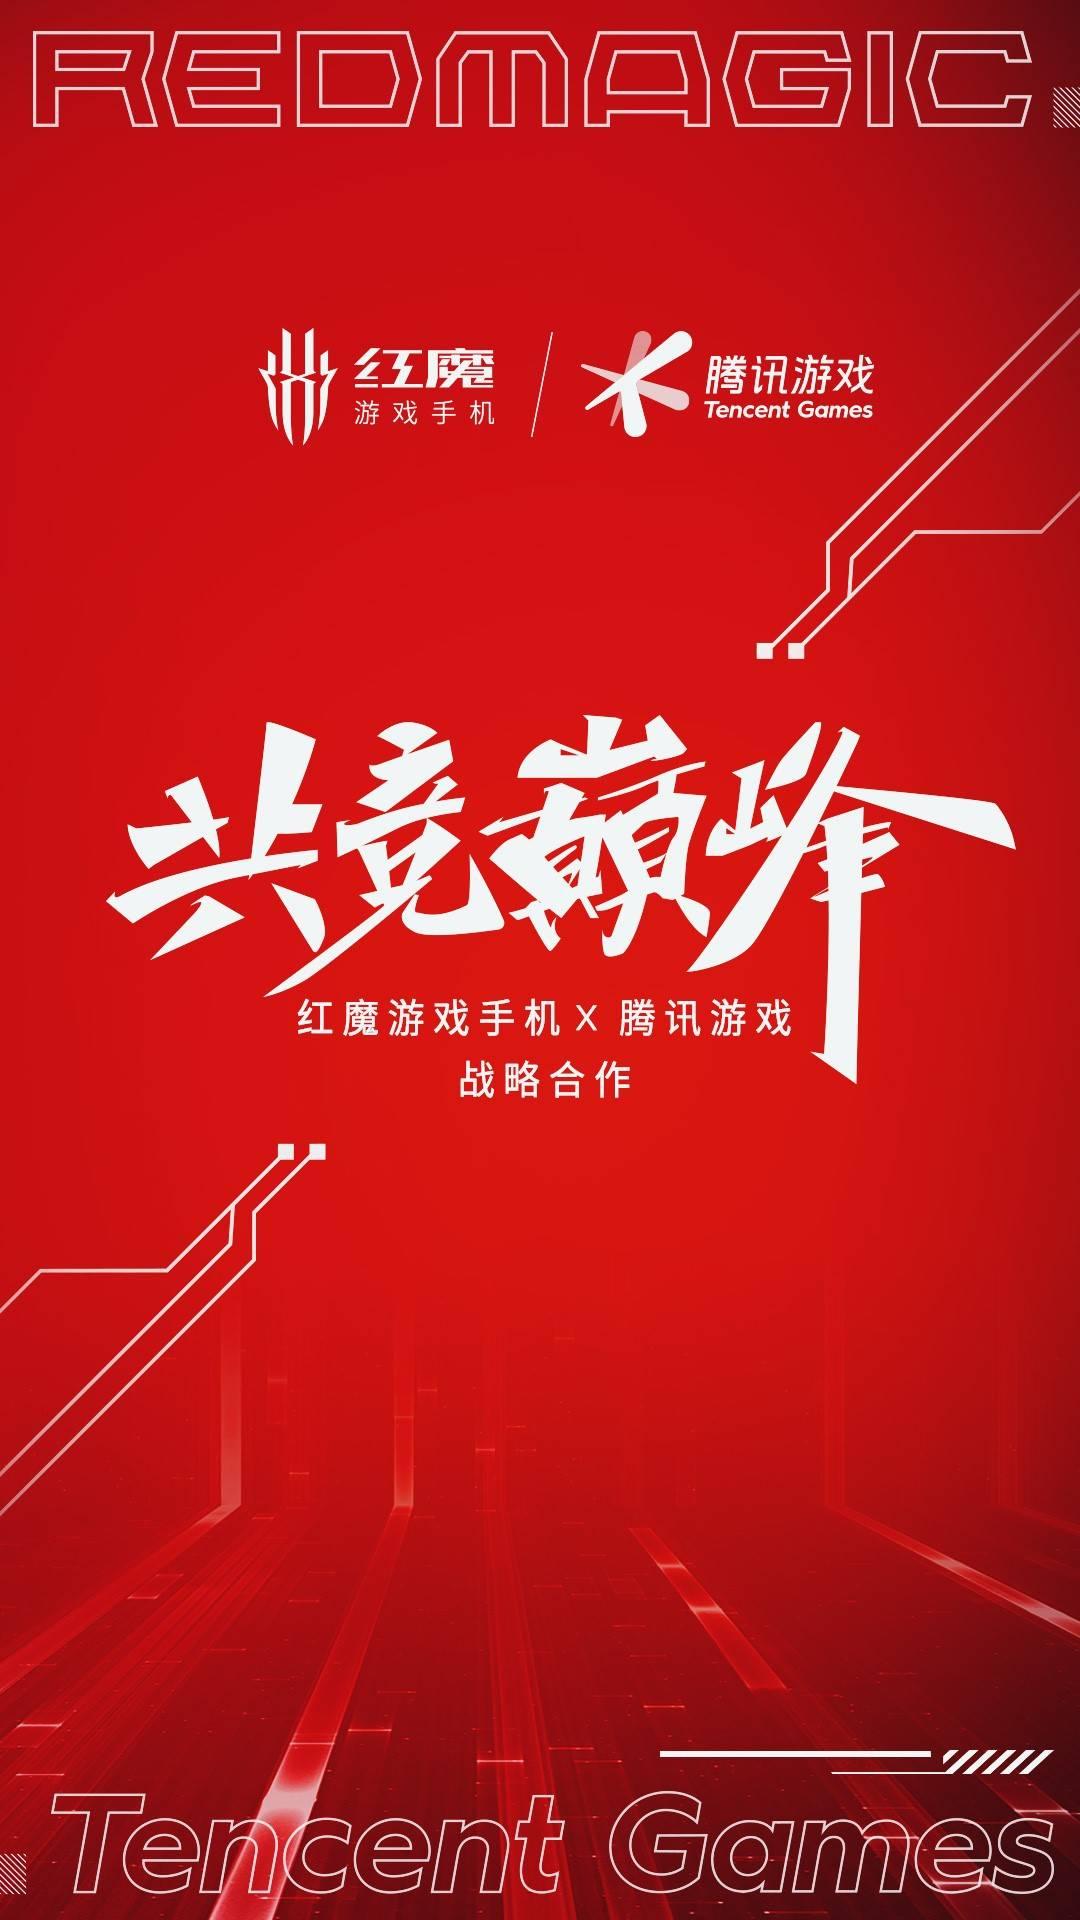 共竞巅峰!腾讯游戏X红魔游戏手机深度战略联合释放移动电竞无限可能!